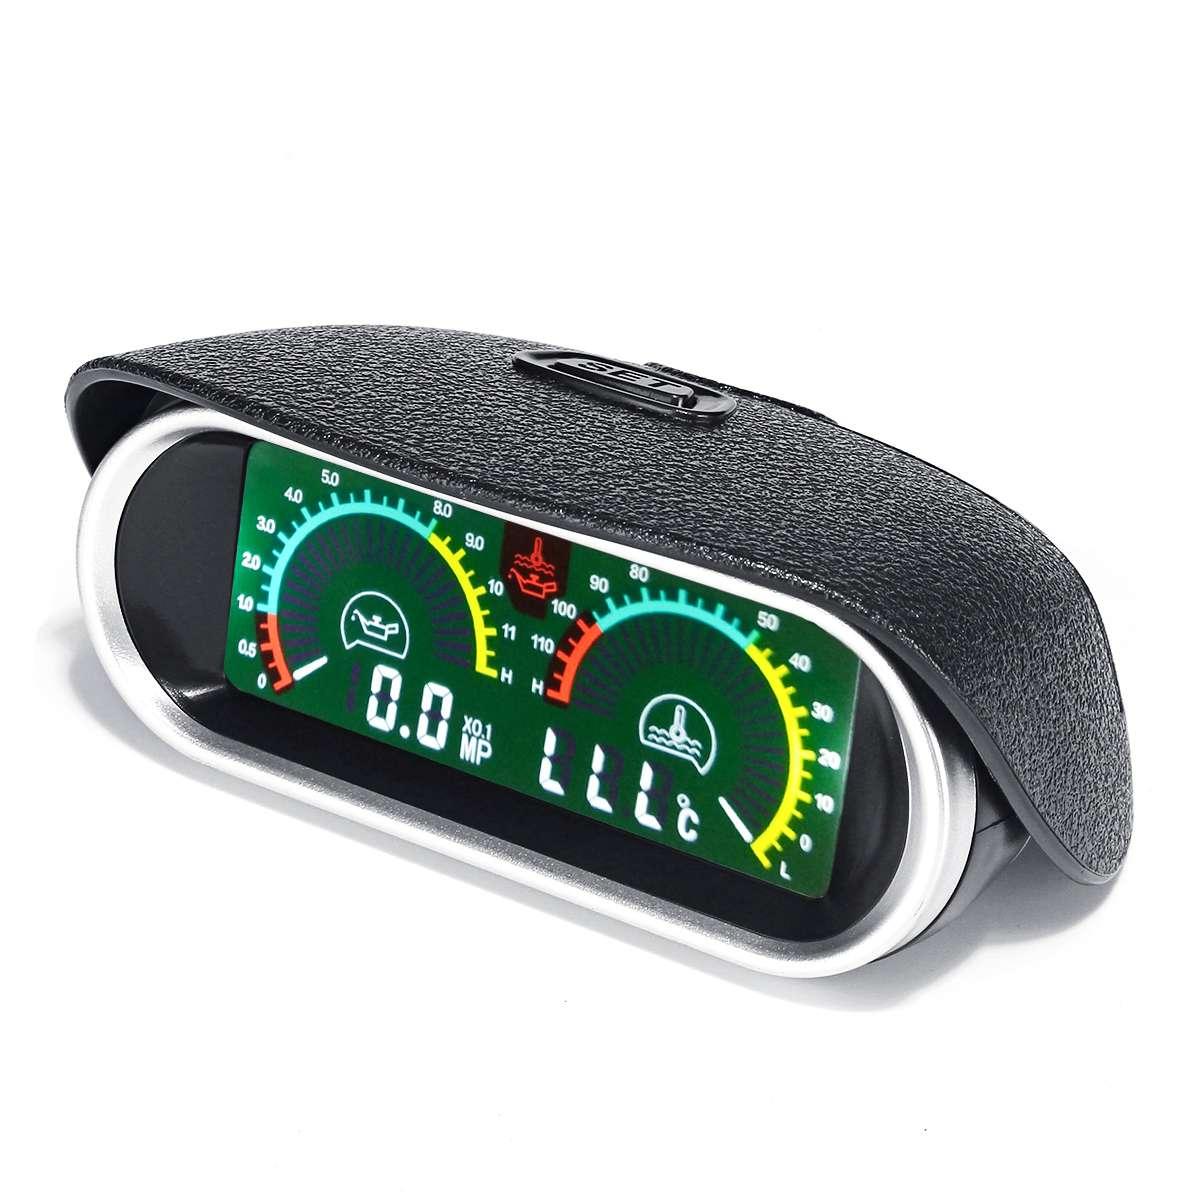 2 in 1 LCD Auto Digital Manometer Öl + Wasser Temperatur Meter mit 1/8 NPT Sensor e für Boot Auto lkw Racing für Universal 9-36 V